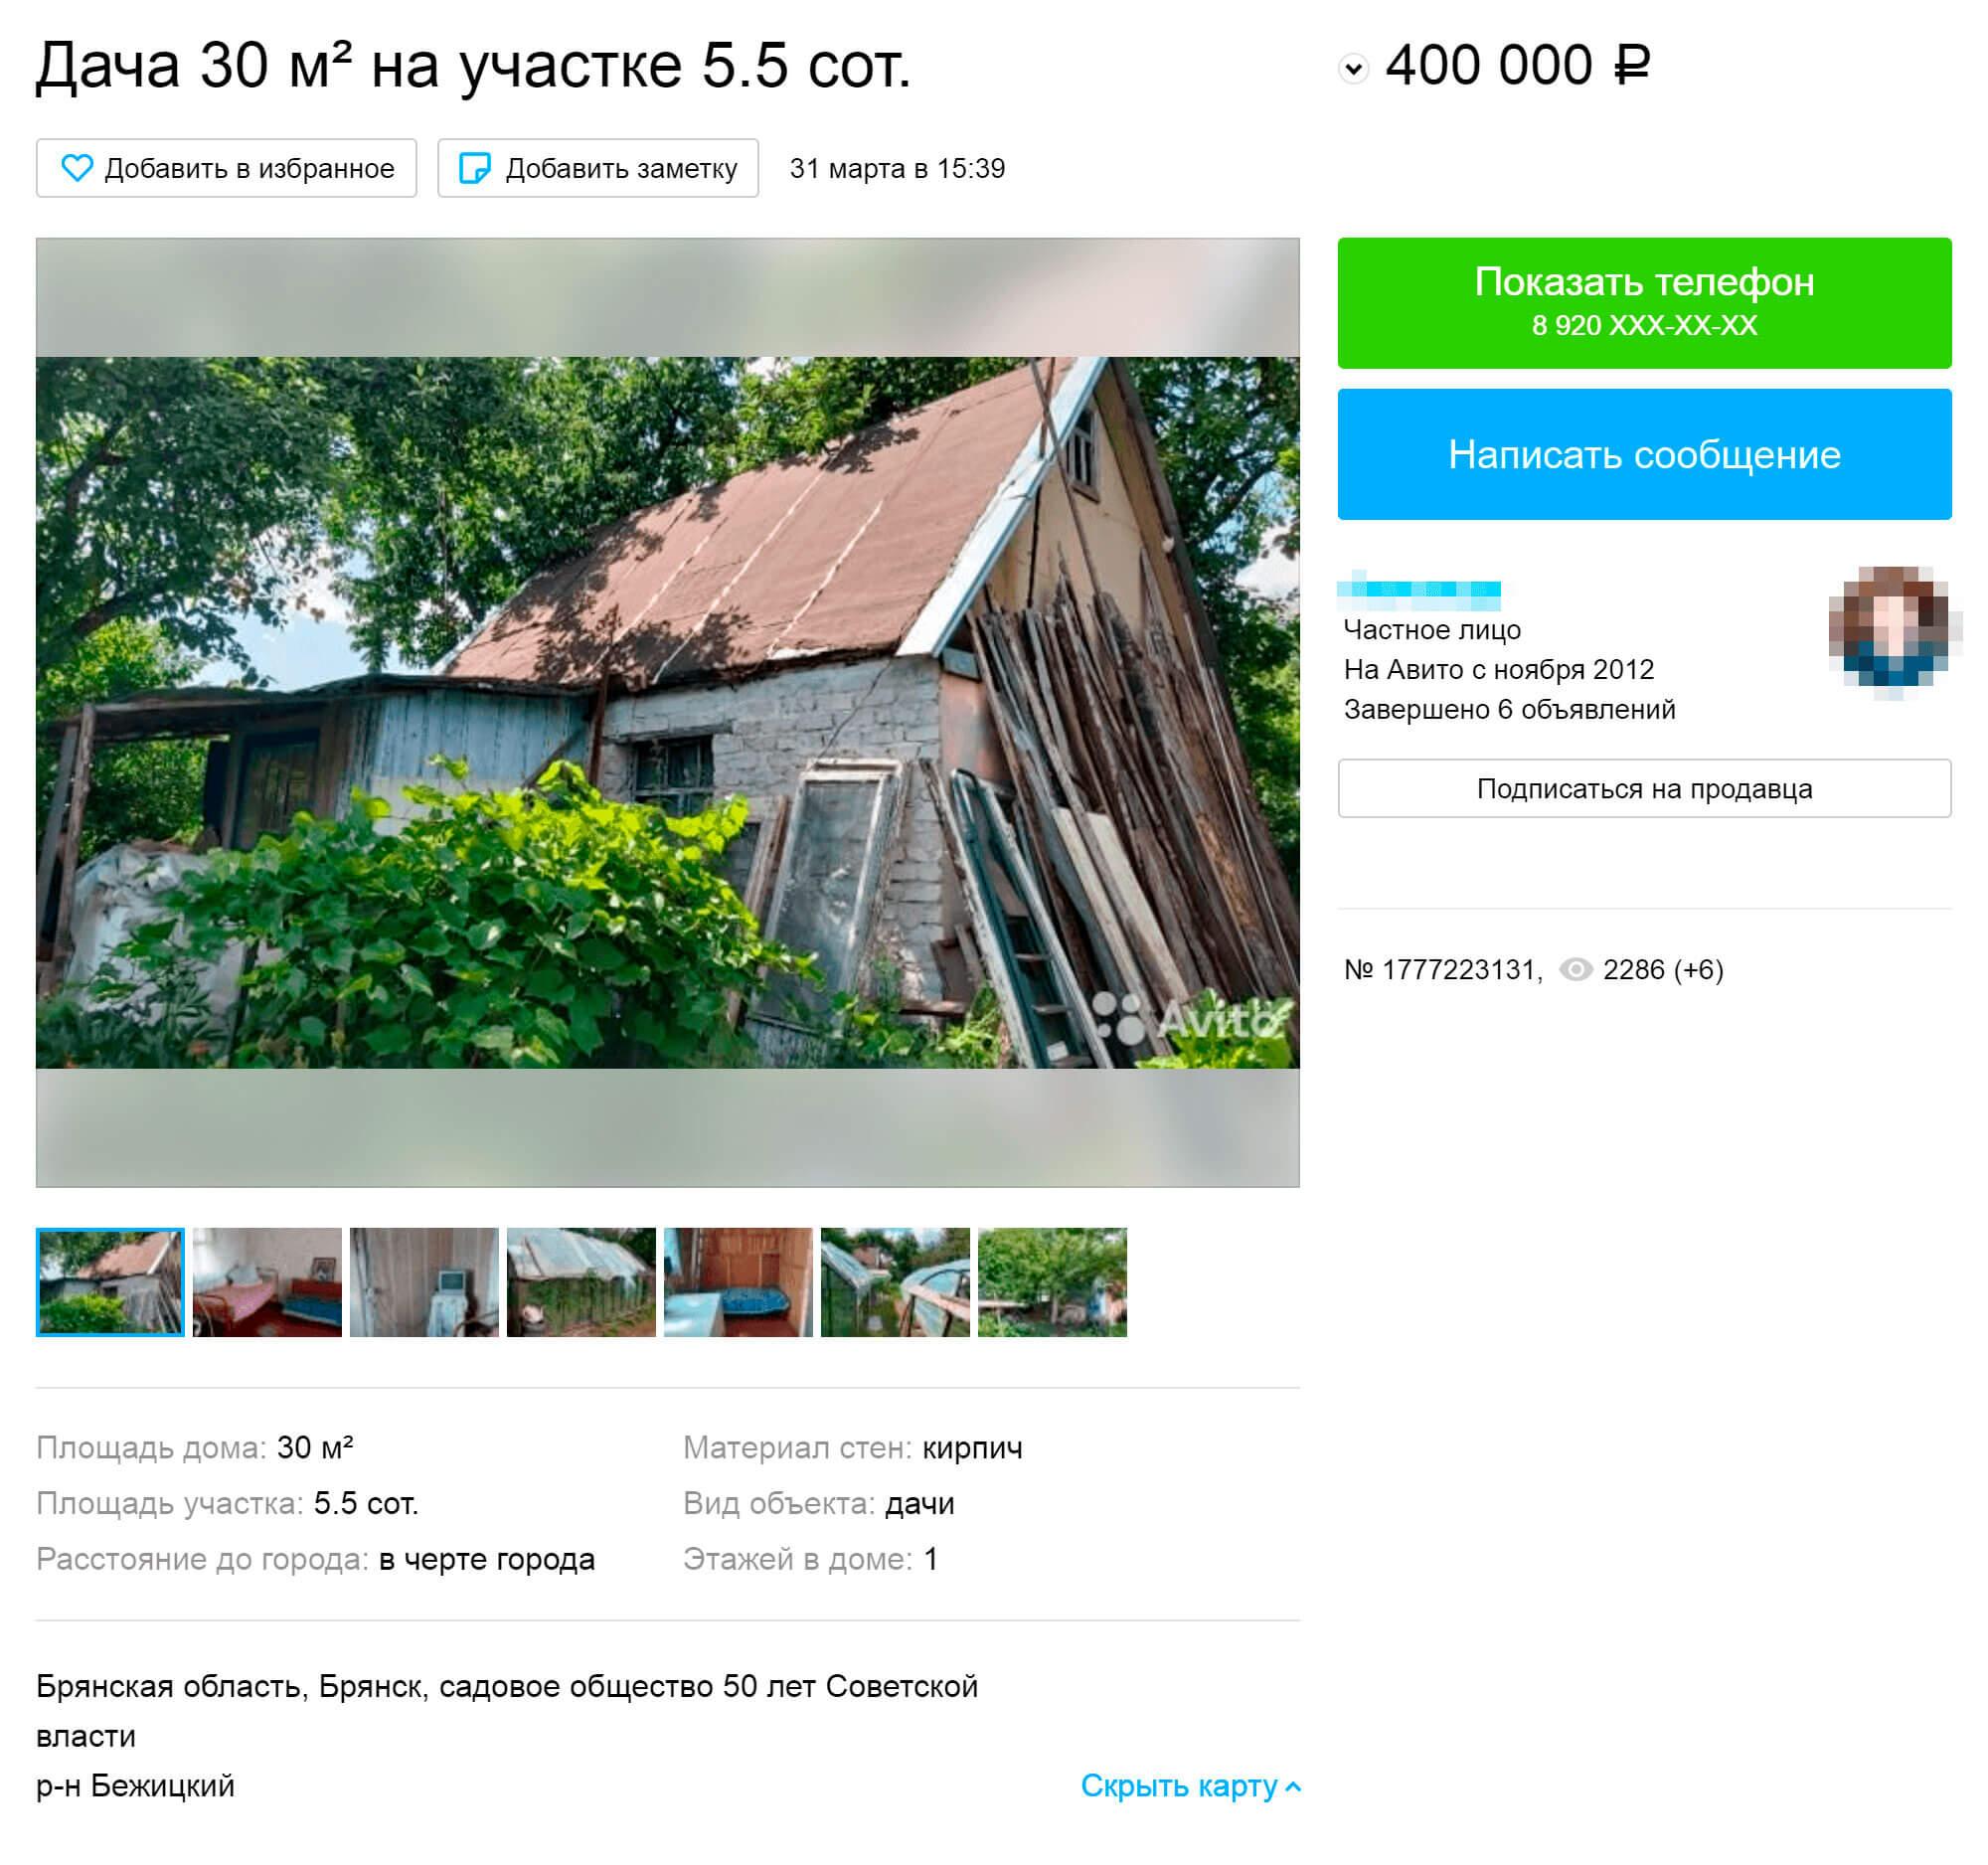 Дом на окраине Бежицкого района стоит 400 тысяч. Подобные объявления висят на сайтах месяцами